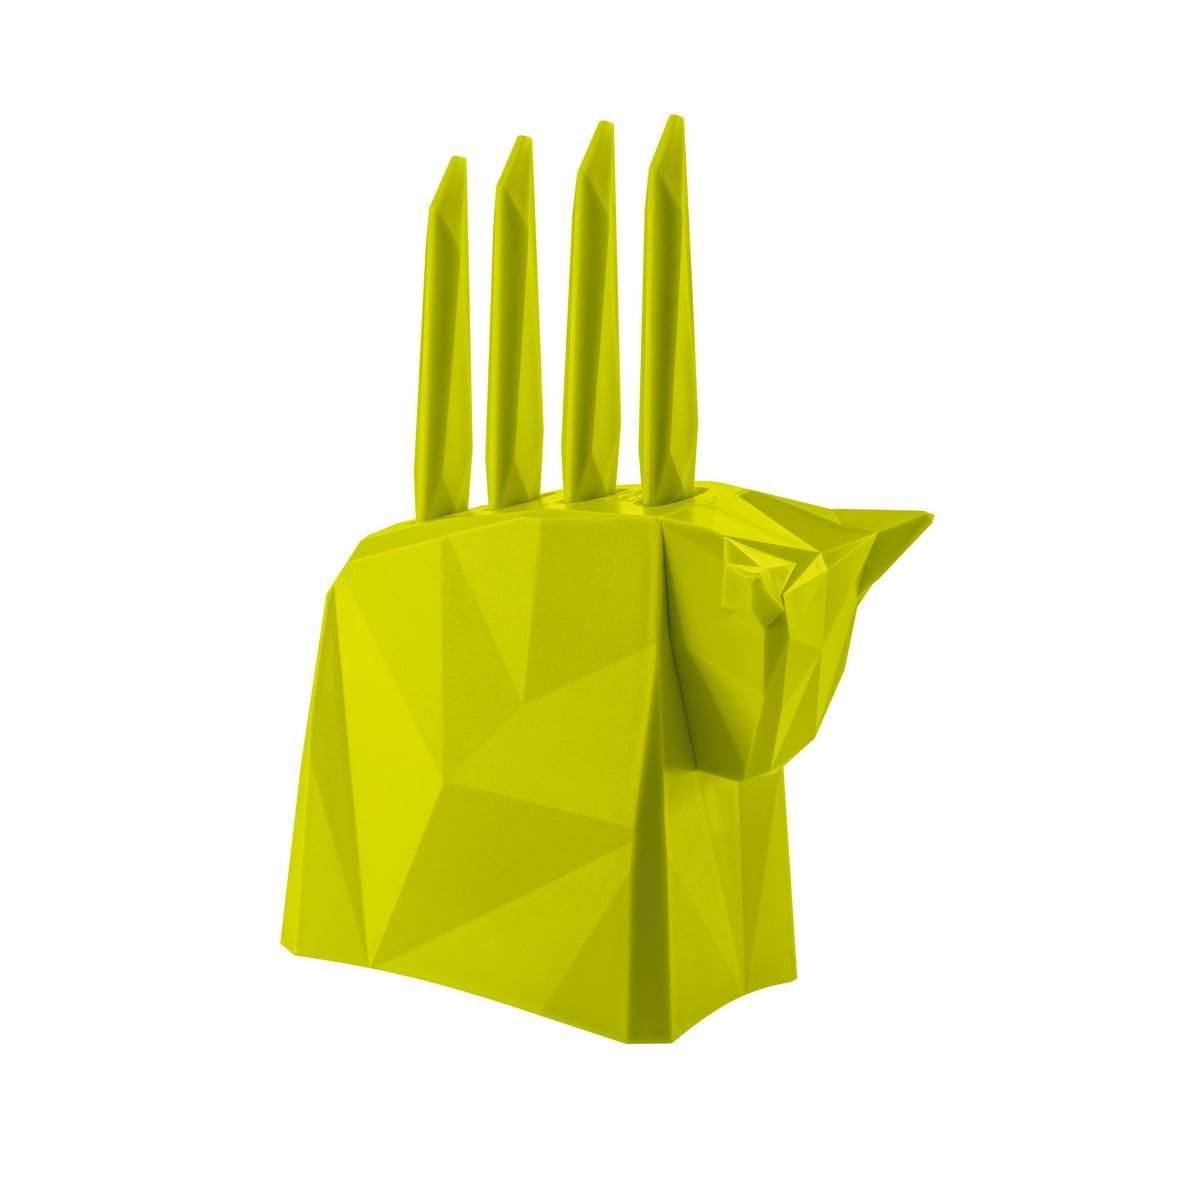 pablo steak messerblock von koziol im shop. Black Bedroom Furniture Sets. Home Design Ideas